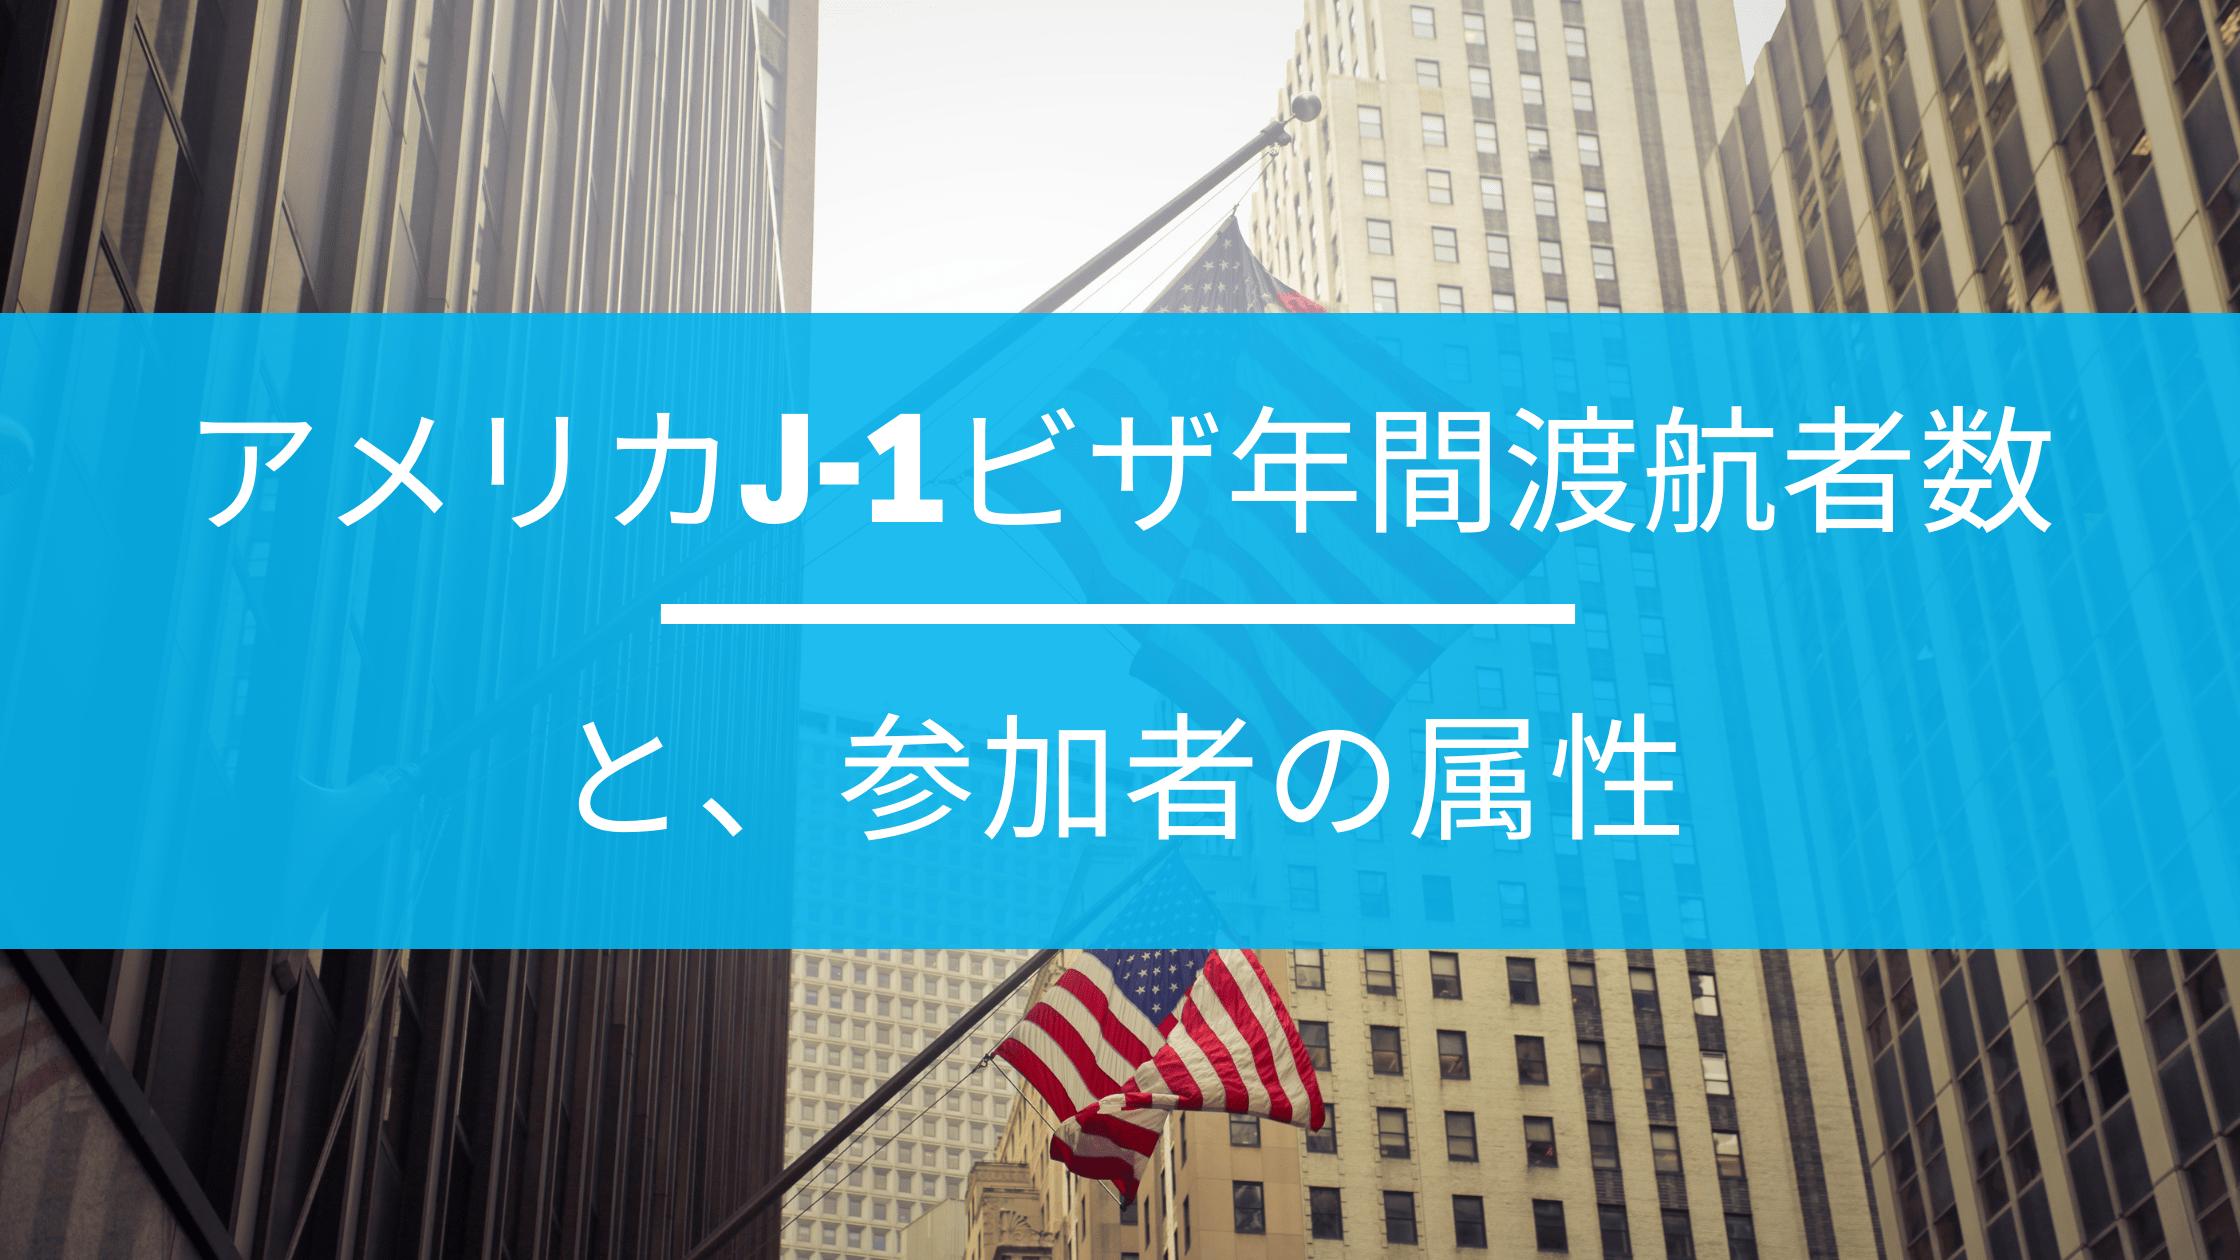 アメリカJ1ビザ、J1ビザ、アメリカワーホリ、アメリカインターンシップ、アメリカで働く、